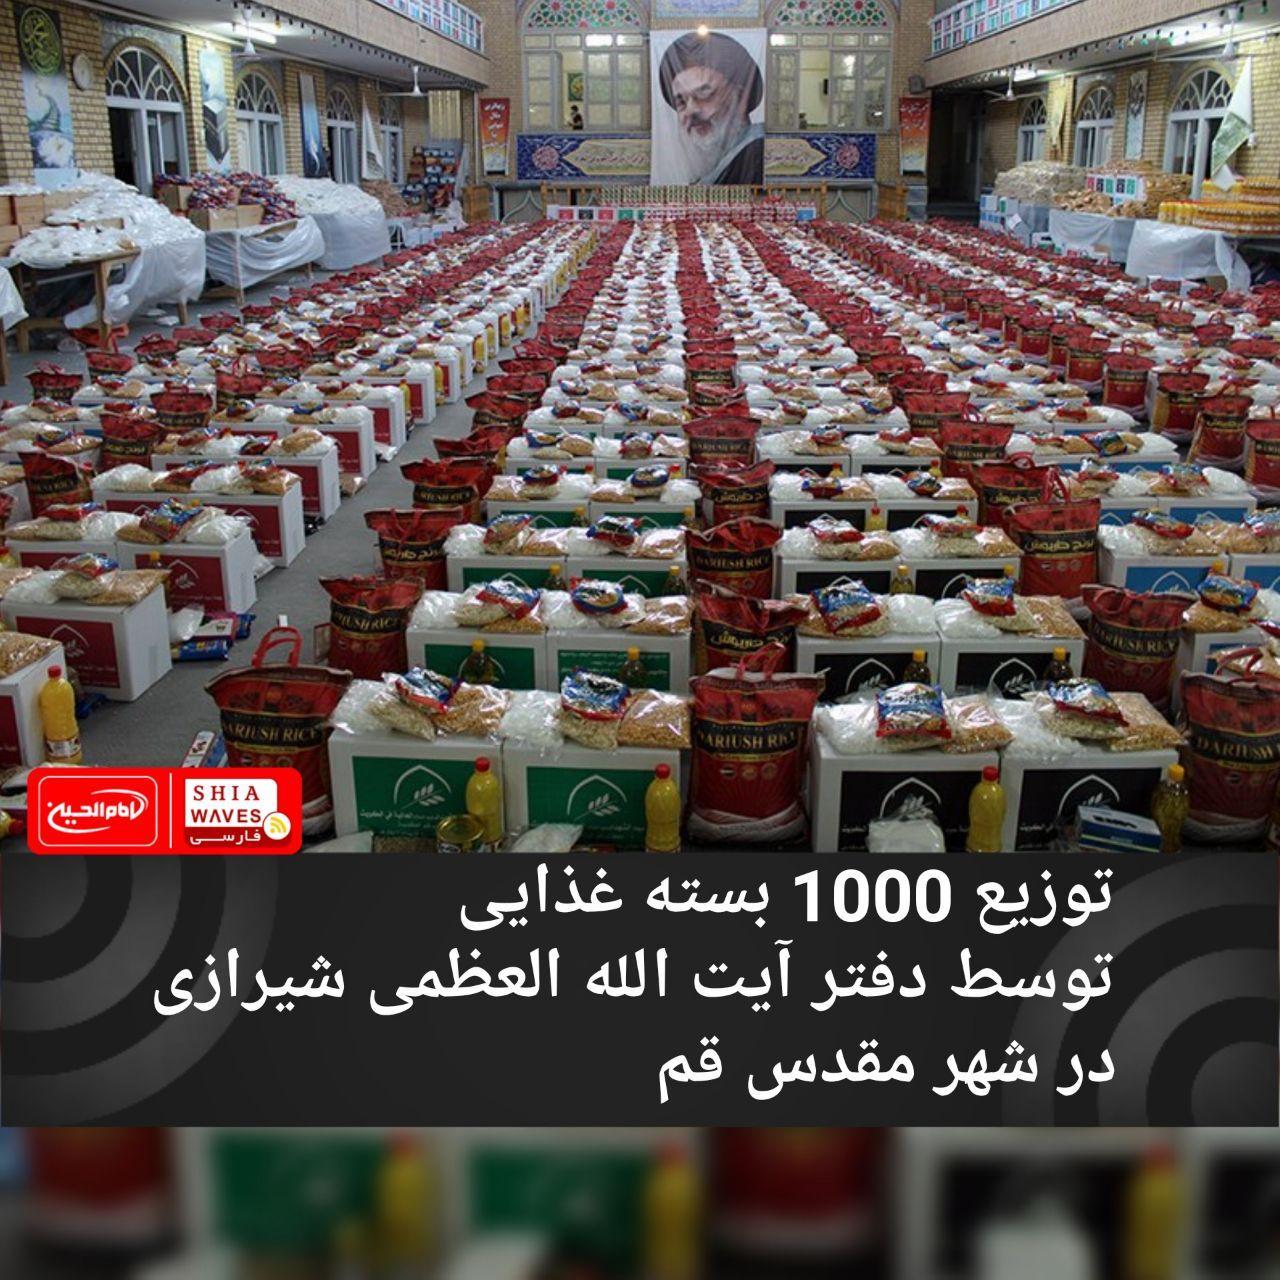 Photo of توزیع 1000 بسته غذایی توسط دفتر آیت الله العظمی شیرازی در شهر مقدس قم